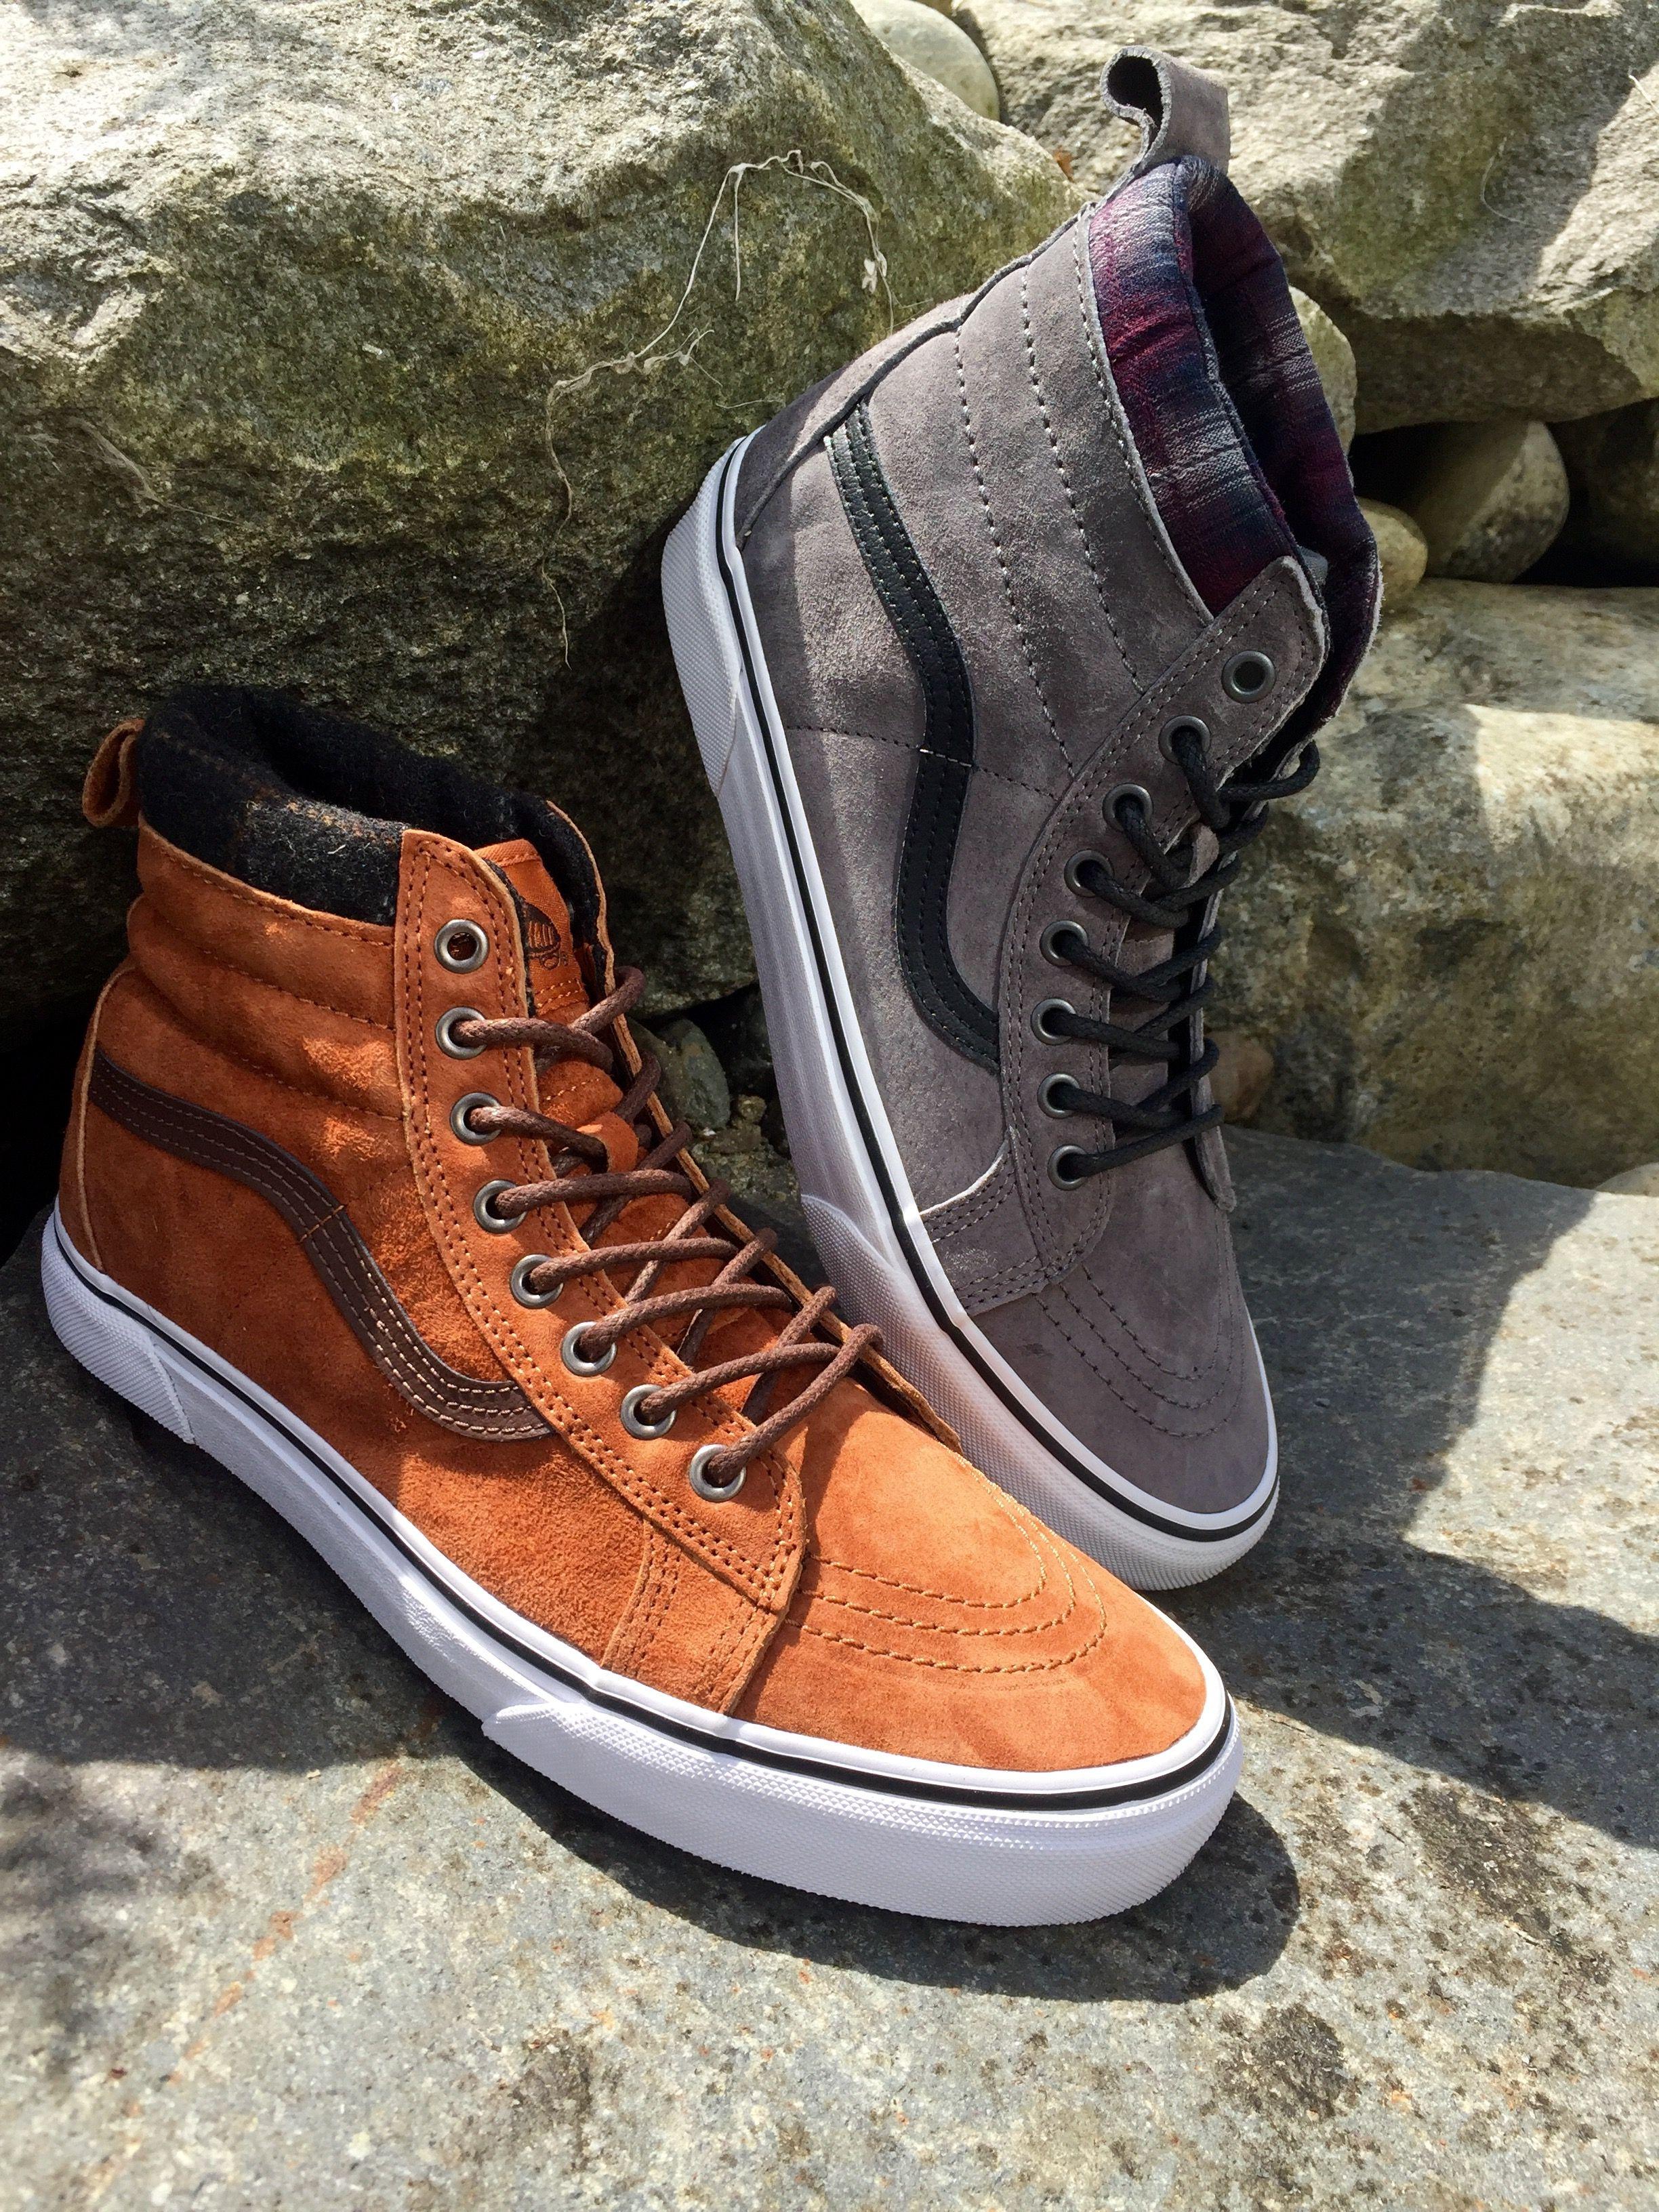 acb8deb1475 Vans Sk8 Hi MTEs. The perfect fall shoe.